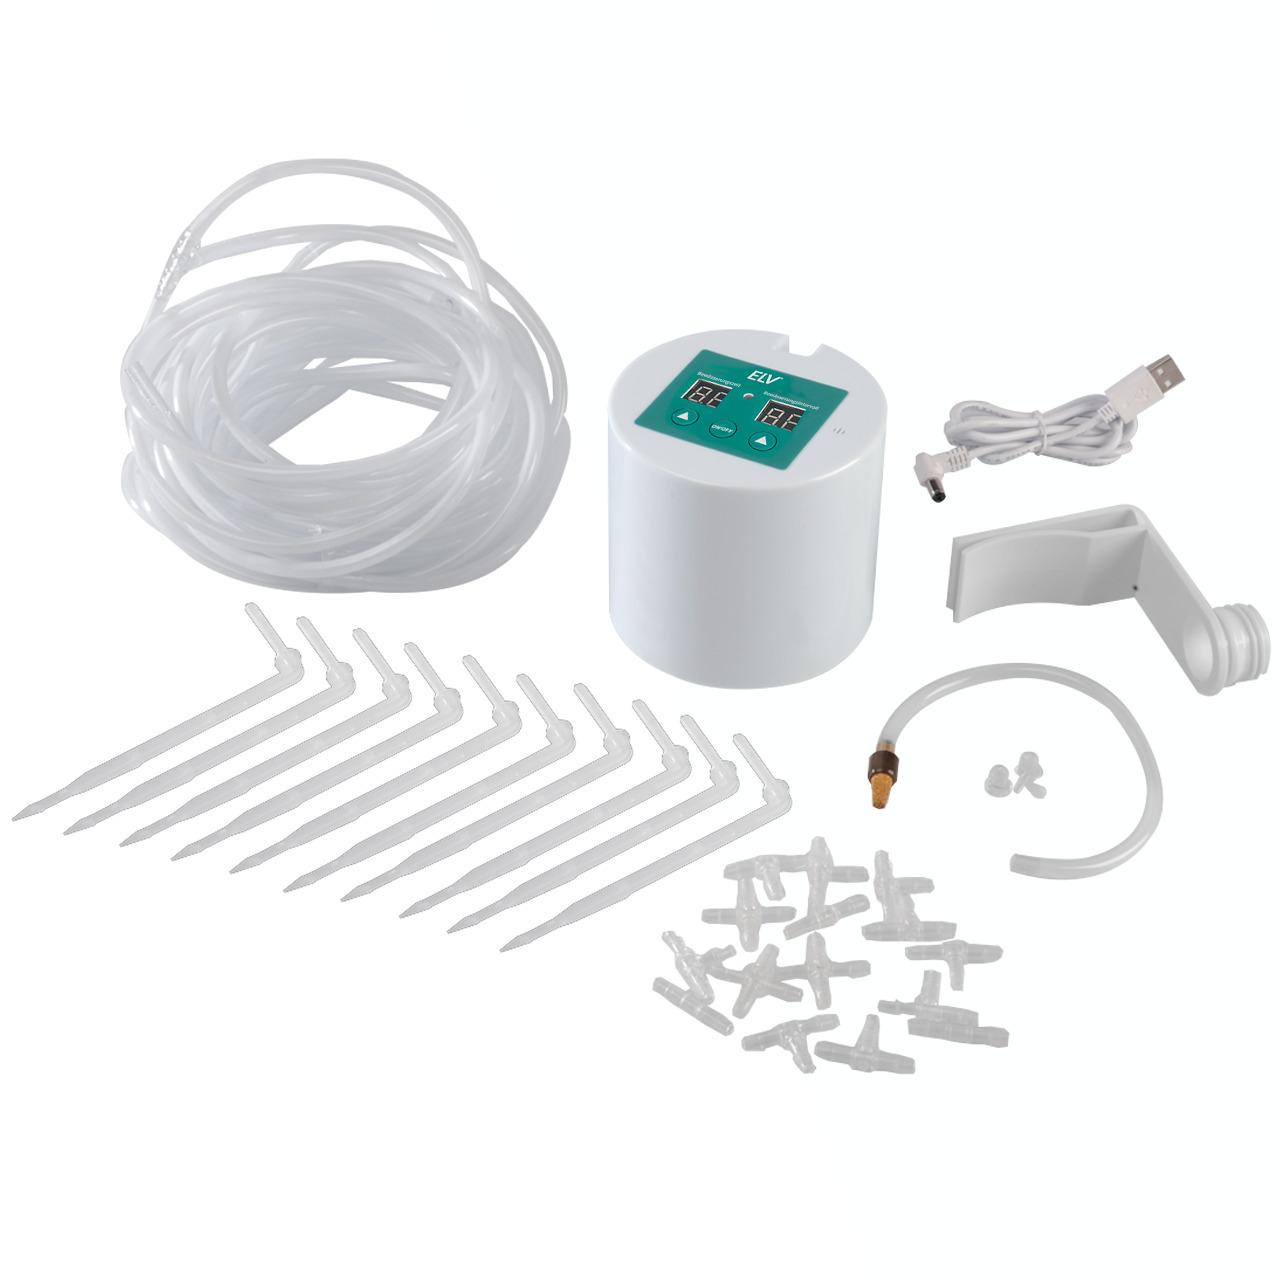 ELV Automatik-Bewässerungssystem mit 10 Tropfstellen- Batterie- und Netzbetrieb möglich